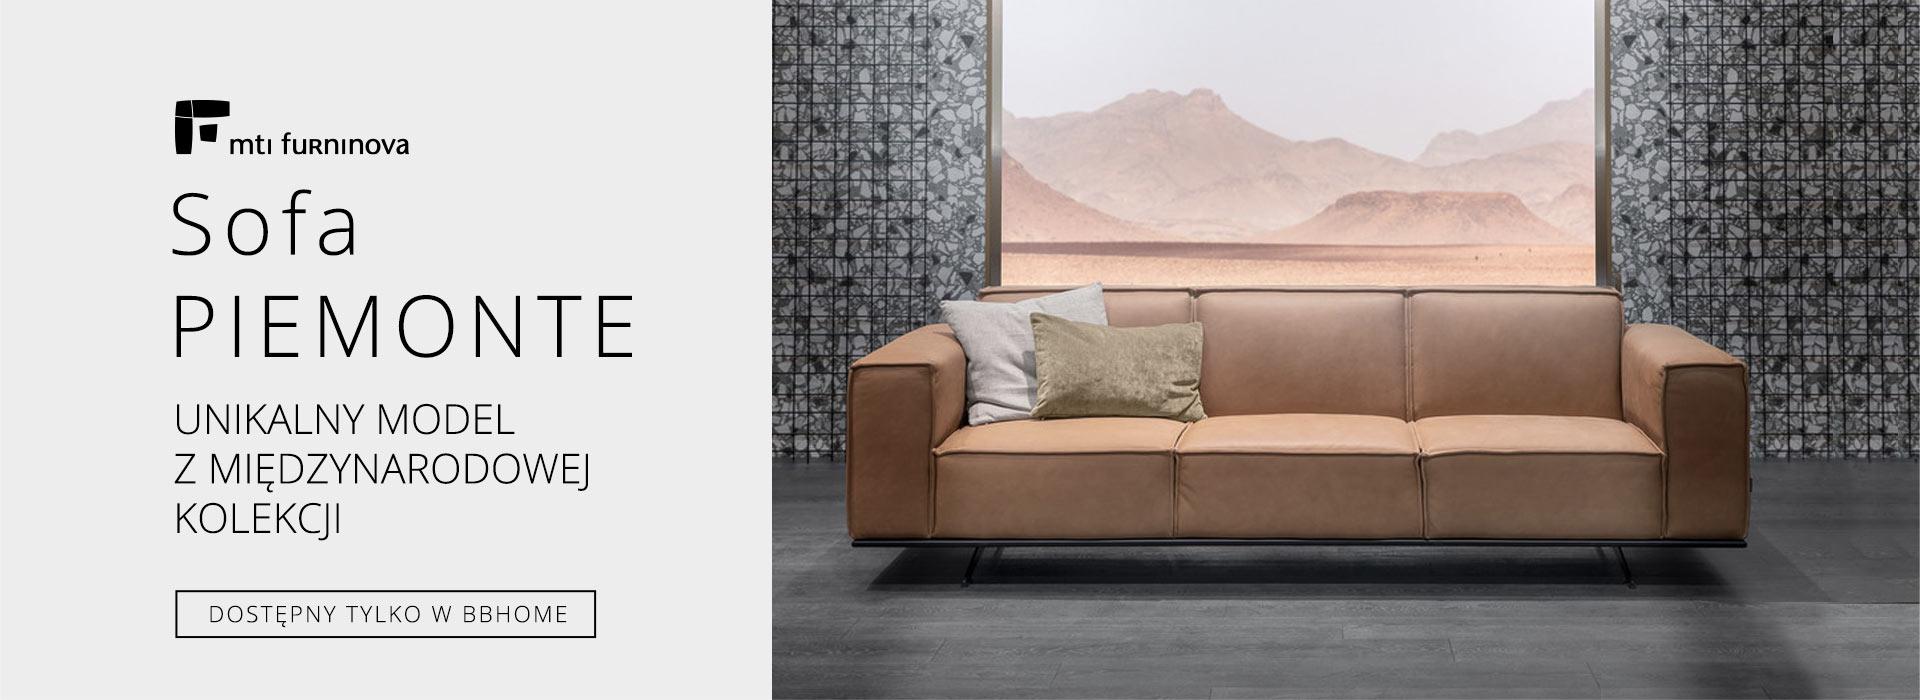 Sofa Piemonte